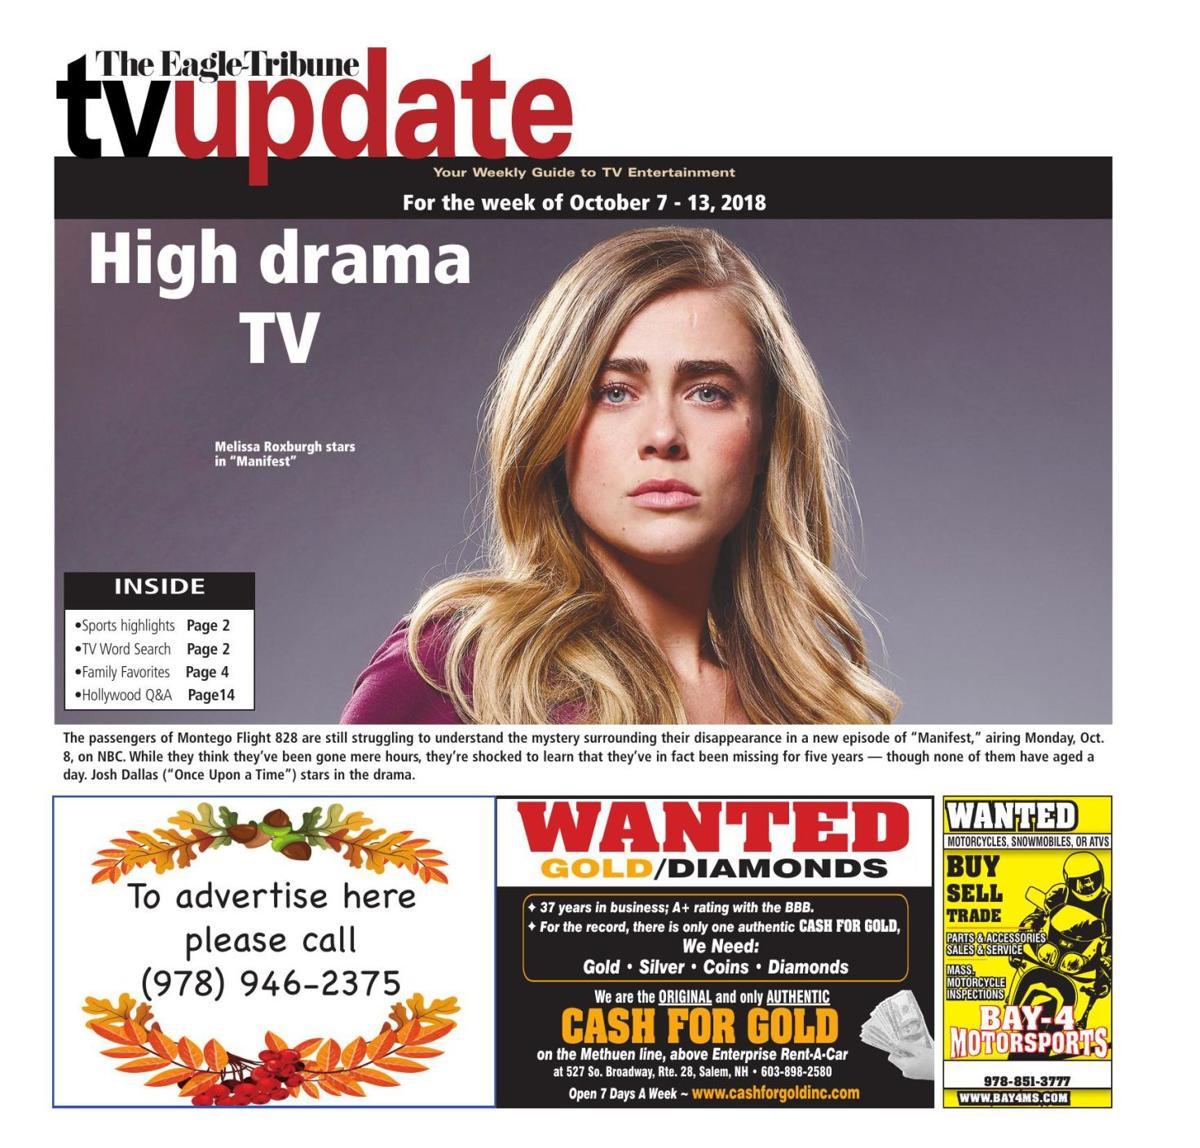 TV Update: Oct. 7 - 13